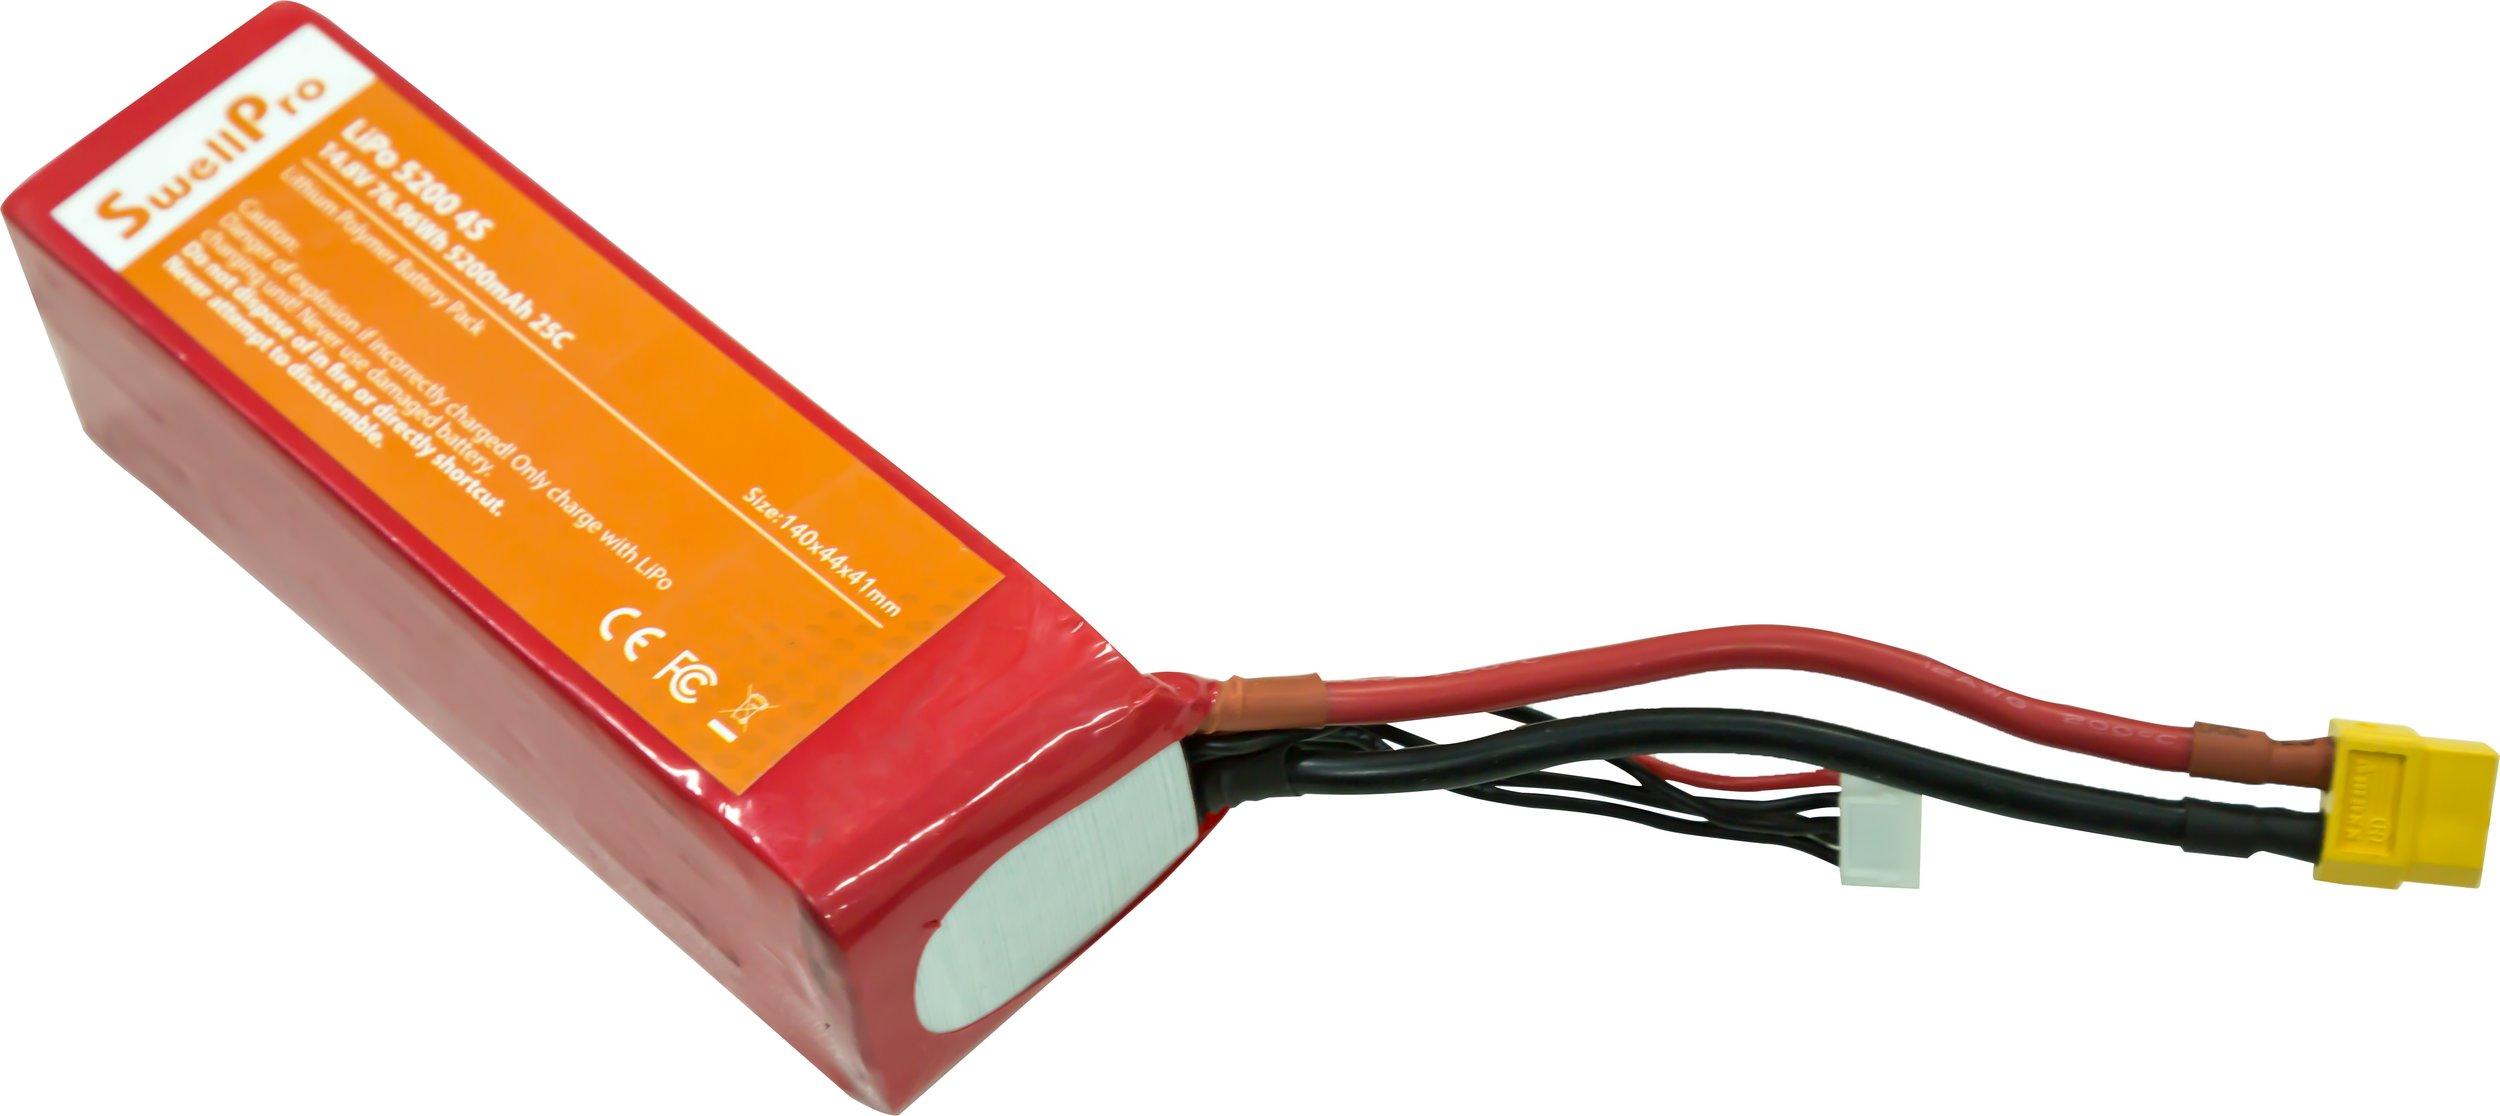 SD3 batteri.jpg